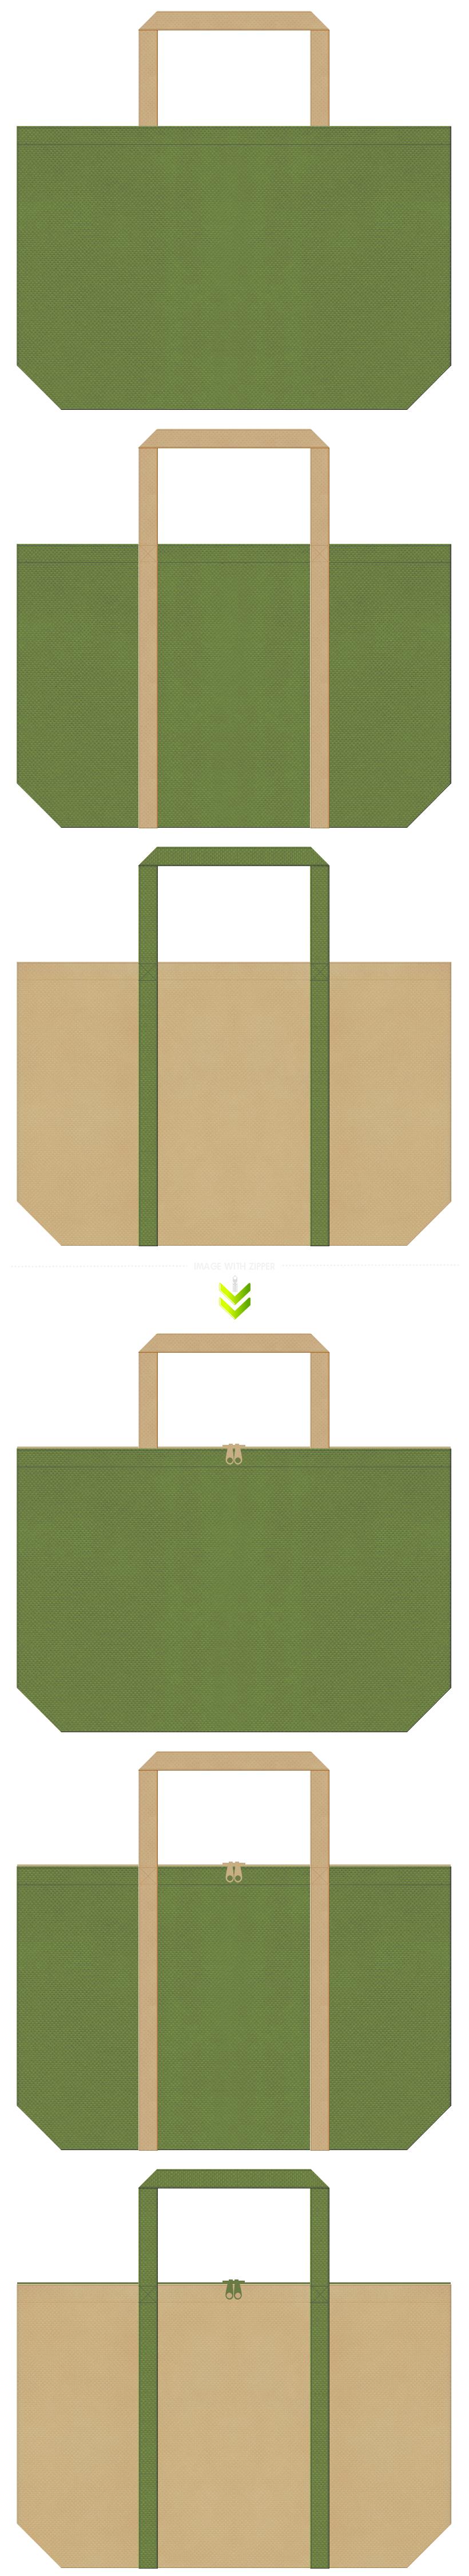 草色とカーキ色の不織布バッグデザイン。和室・畳・草庵風の配色で、旅館のアメニティーや民芸品のショッピングバッグにお奨めです。江戸時代がテーマのイベントのノベルティにも。